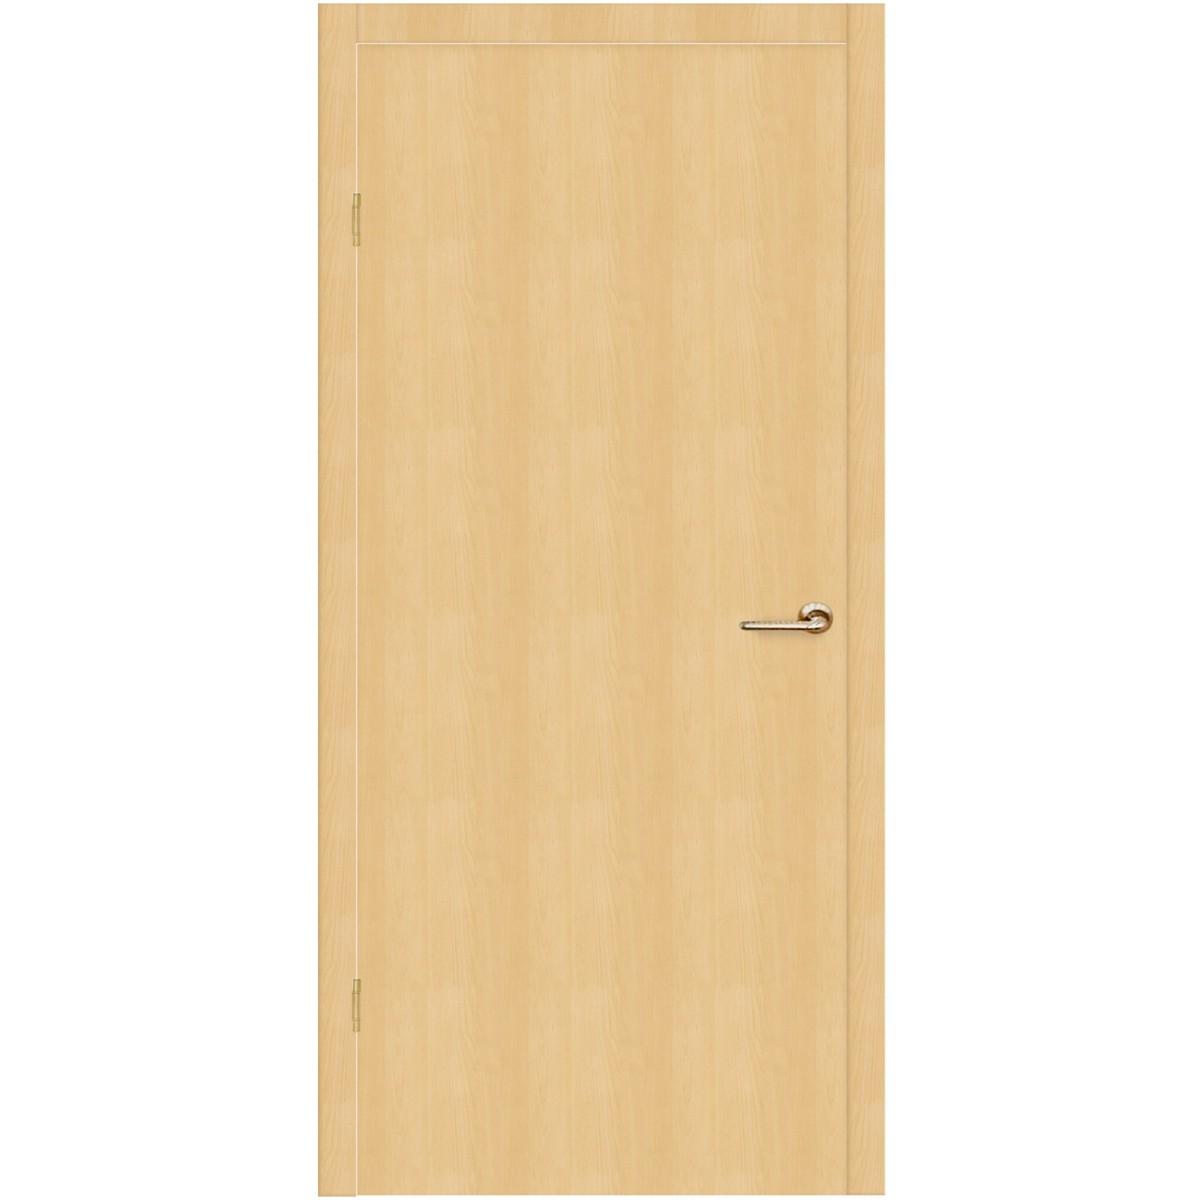 Дверь Межкомнатная Глухая Belleza 55x200 Ламинация Цвет Дуб Белый